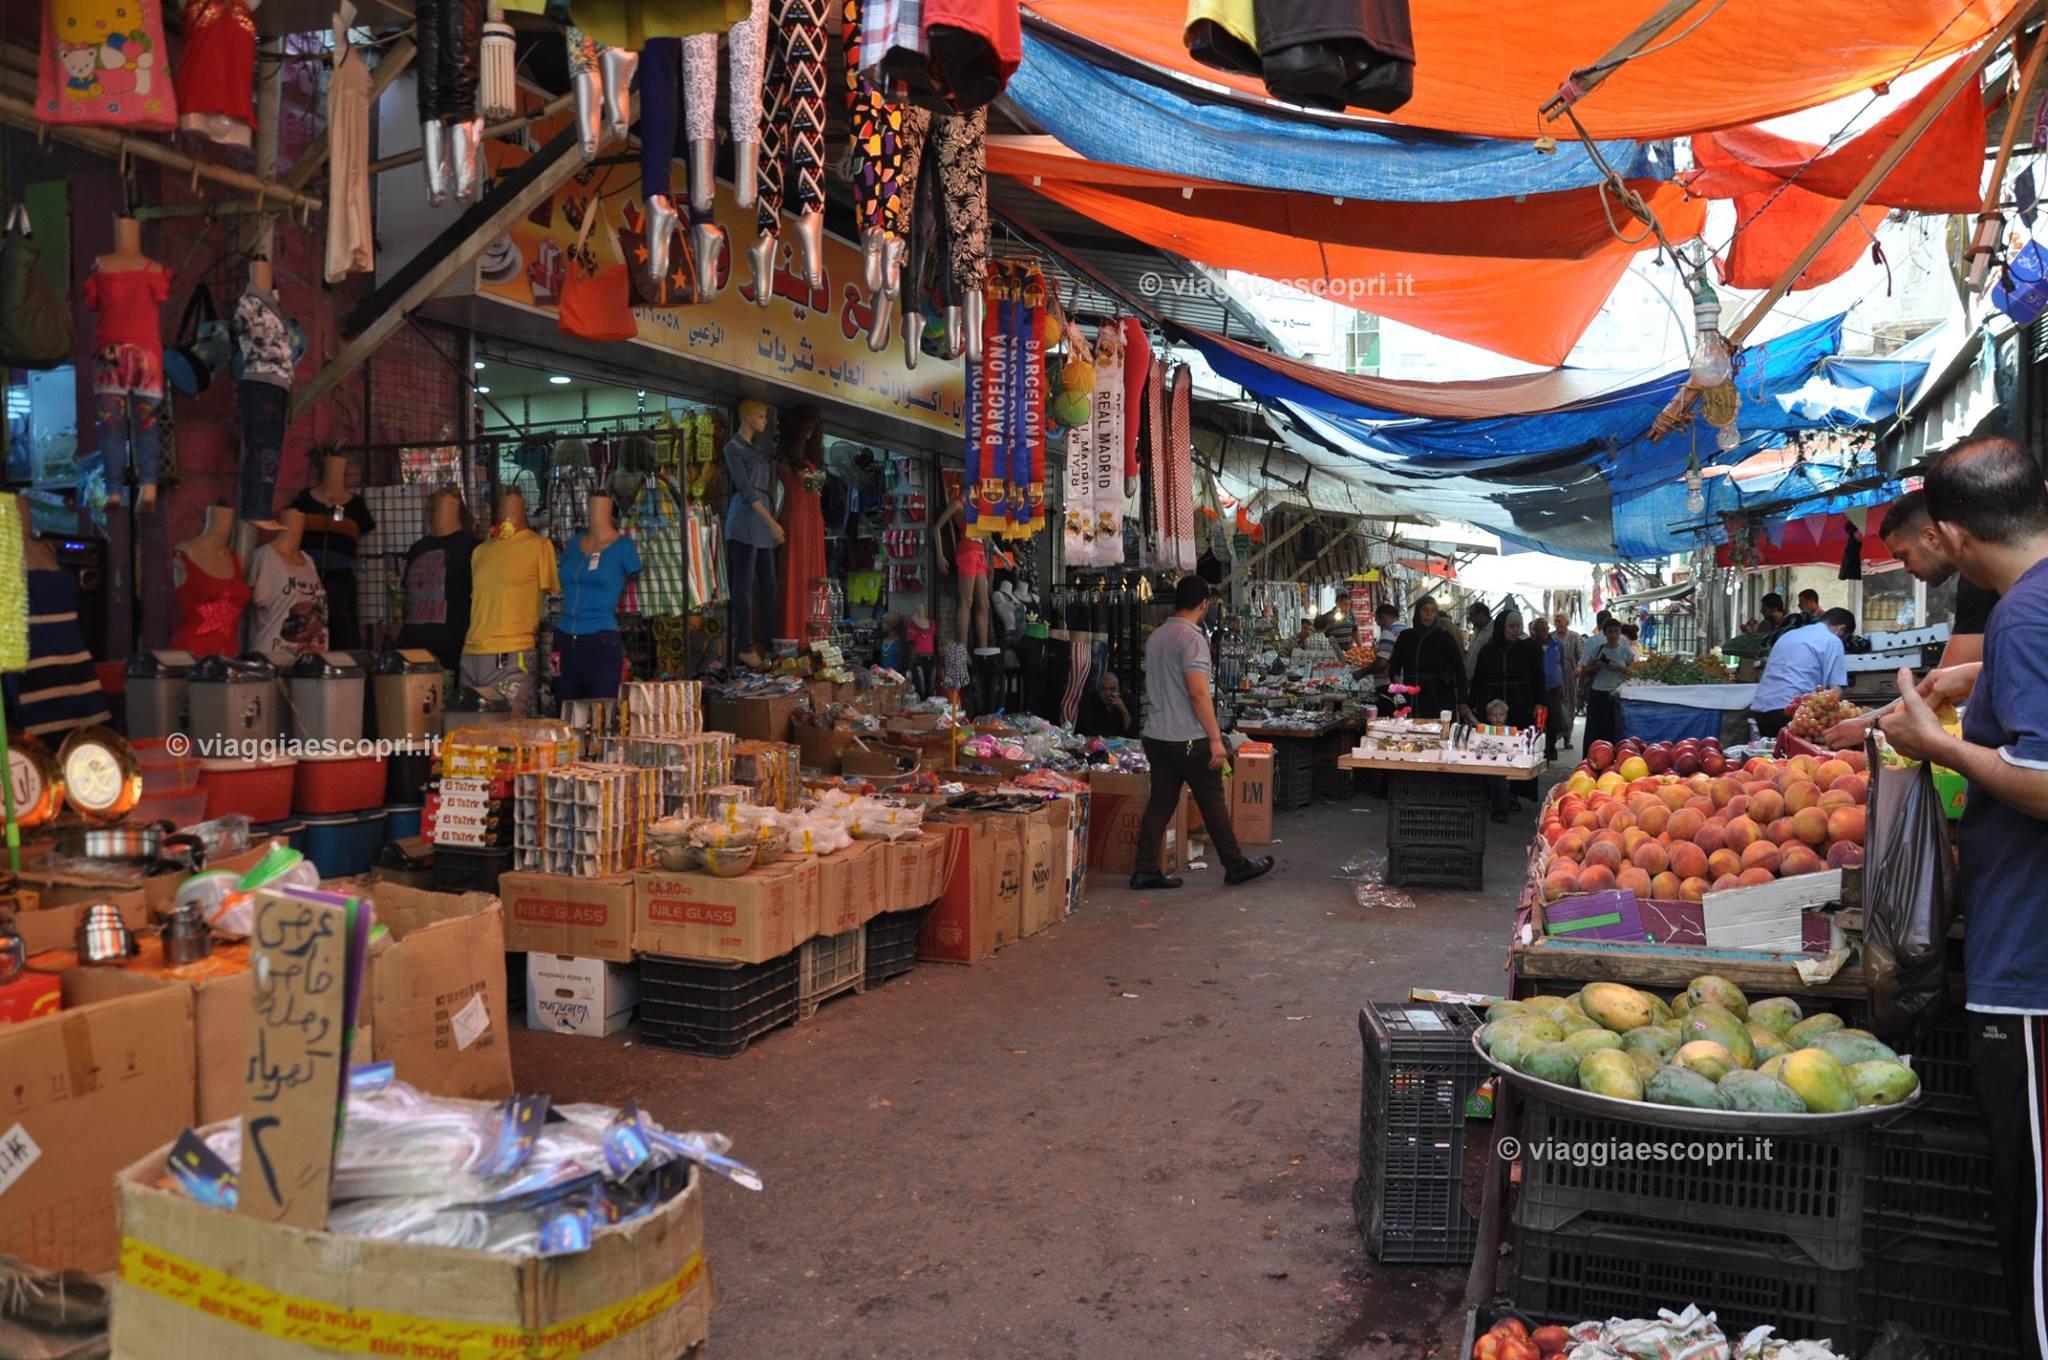 amman mercato by viaggiaescopri